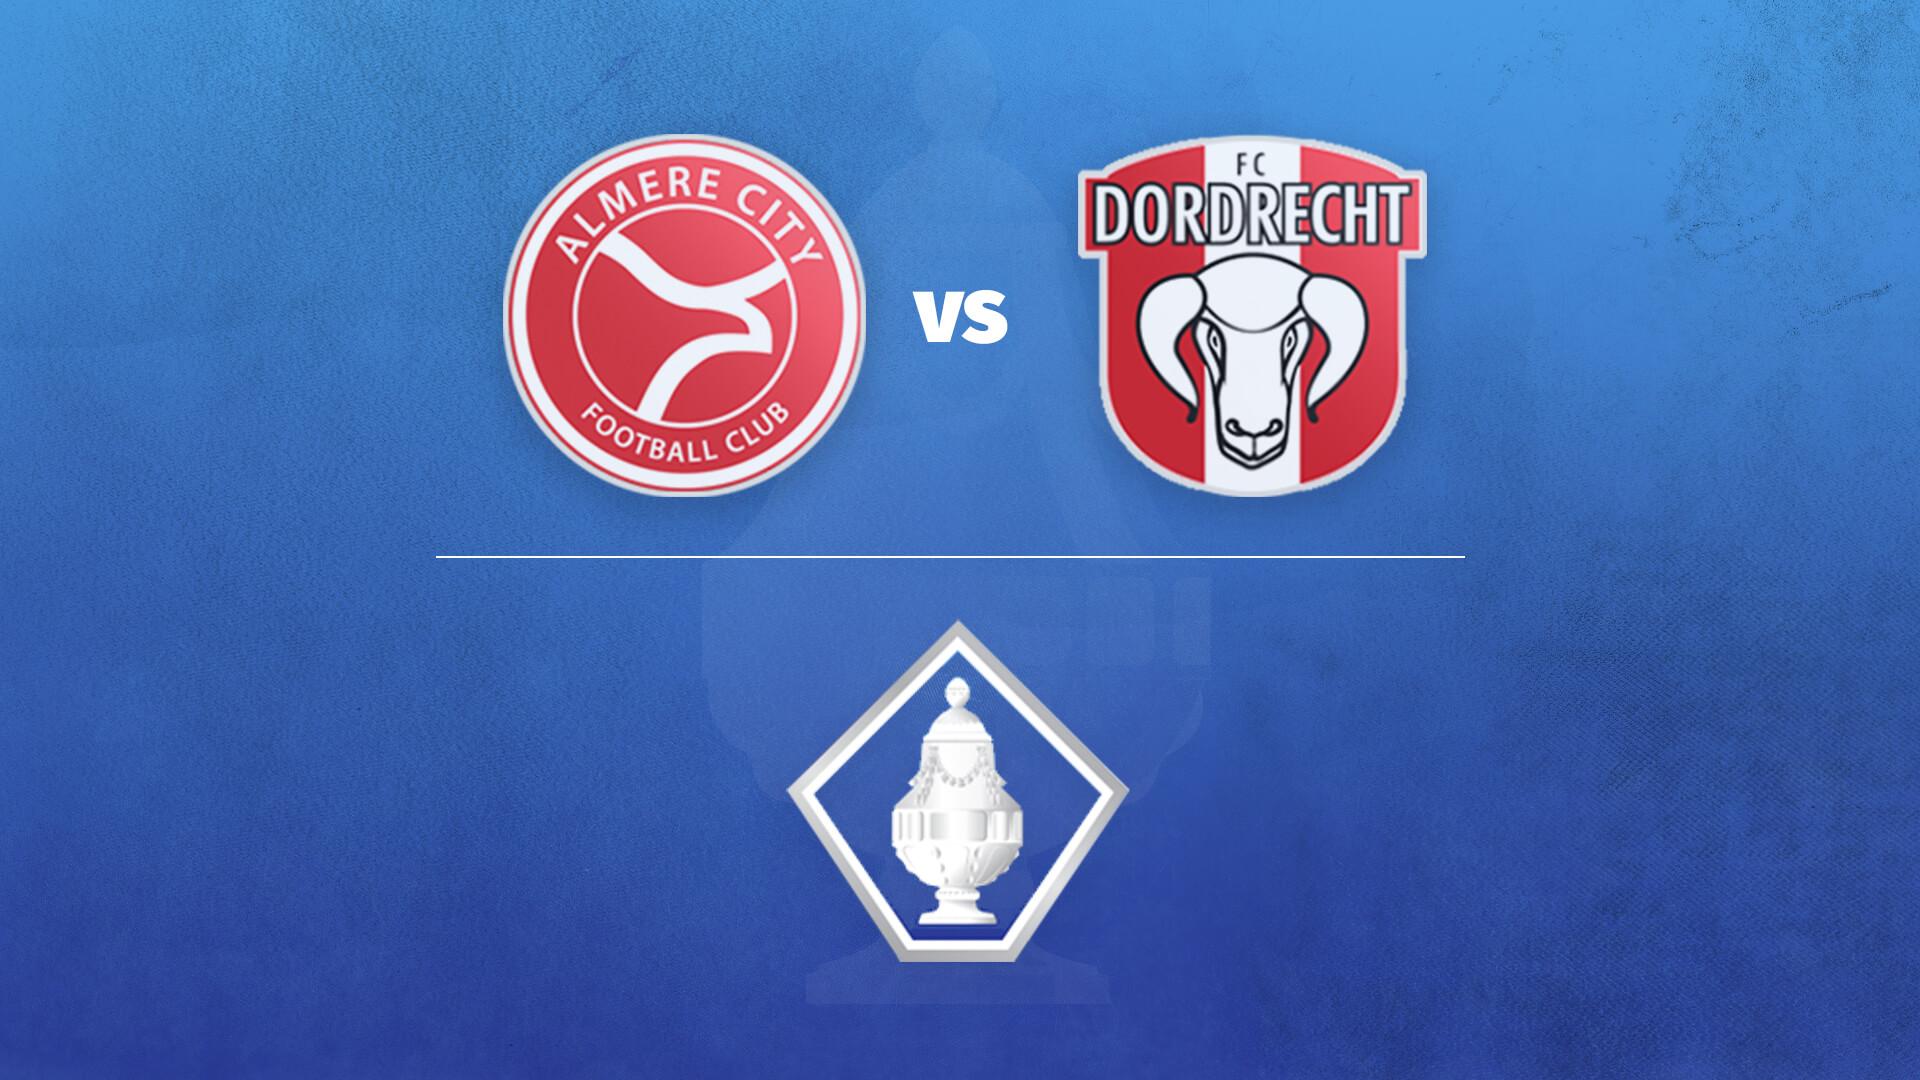 FC Dordrecht de tegenstander in de 1e ronde KNVB Beker. Update: Tijdstip bekend